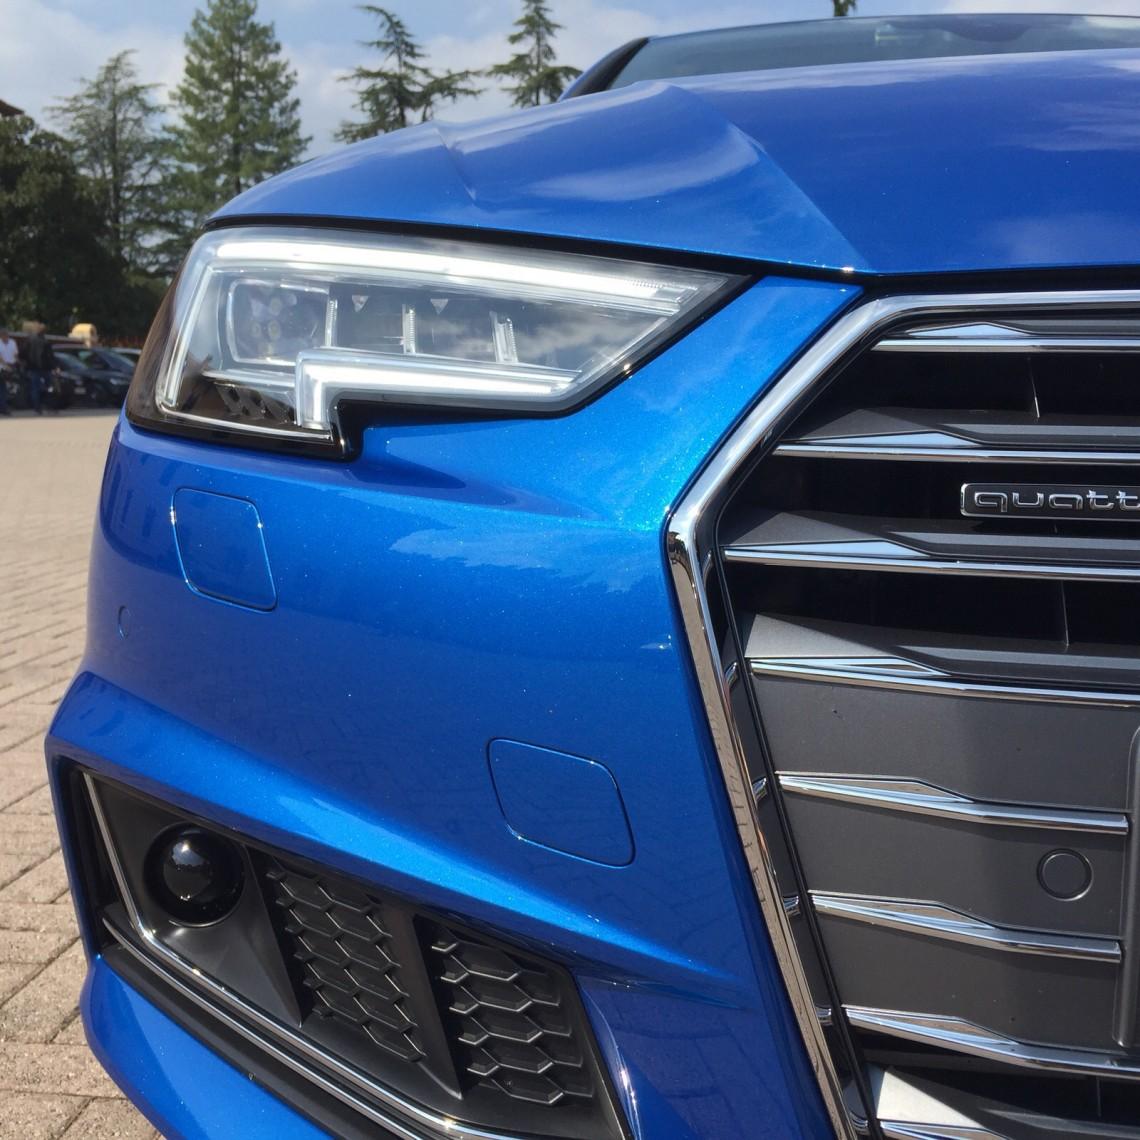 Абсолютно новая Audi A4, эксклюзивные фото и видео с ездовой презентации в Венеции